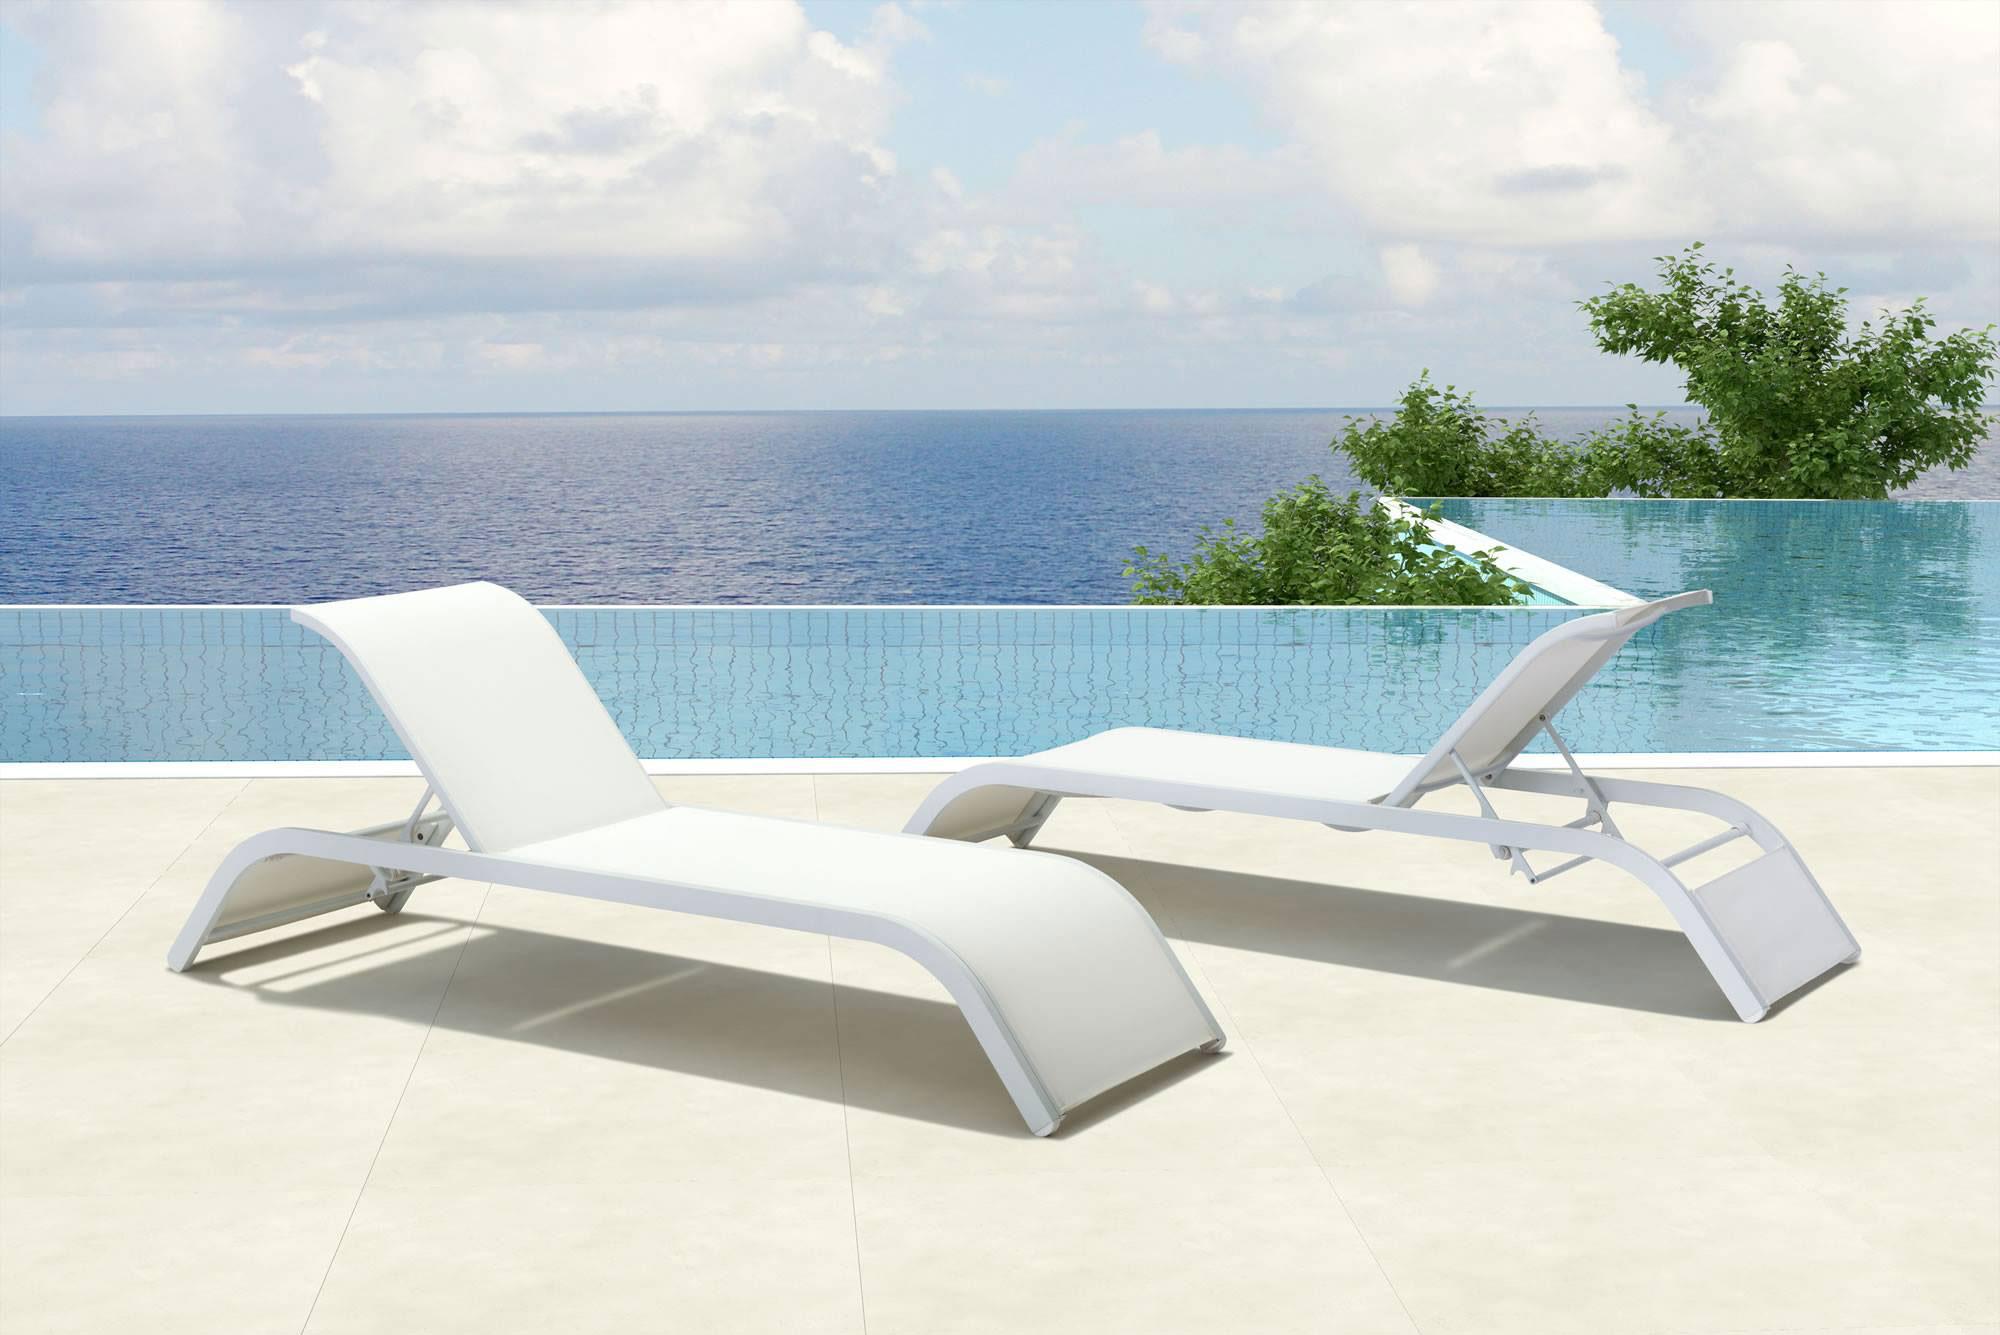 ZUO-sun-beach-chaise